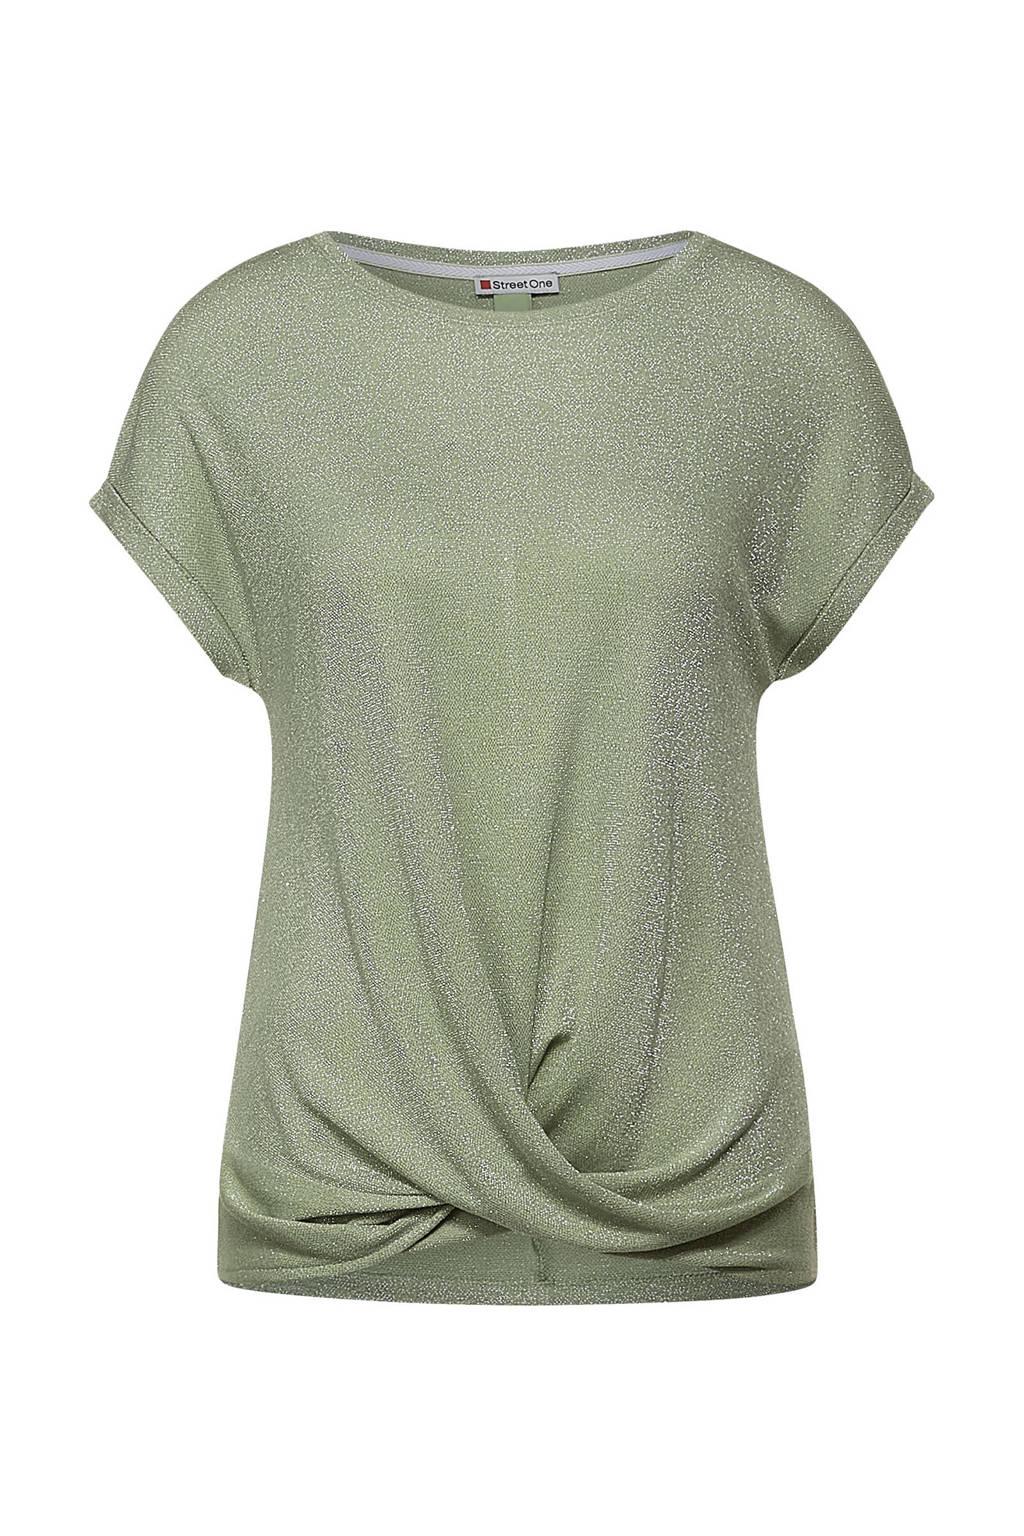 Street One T-shirt groen, Groen